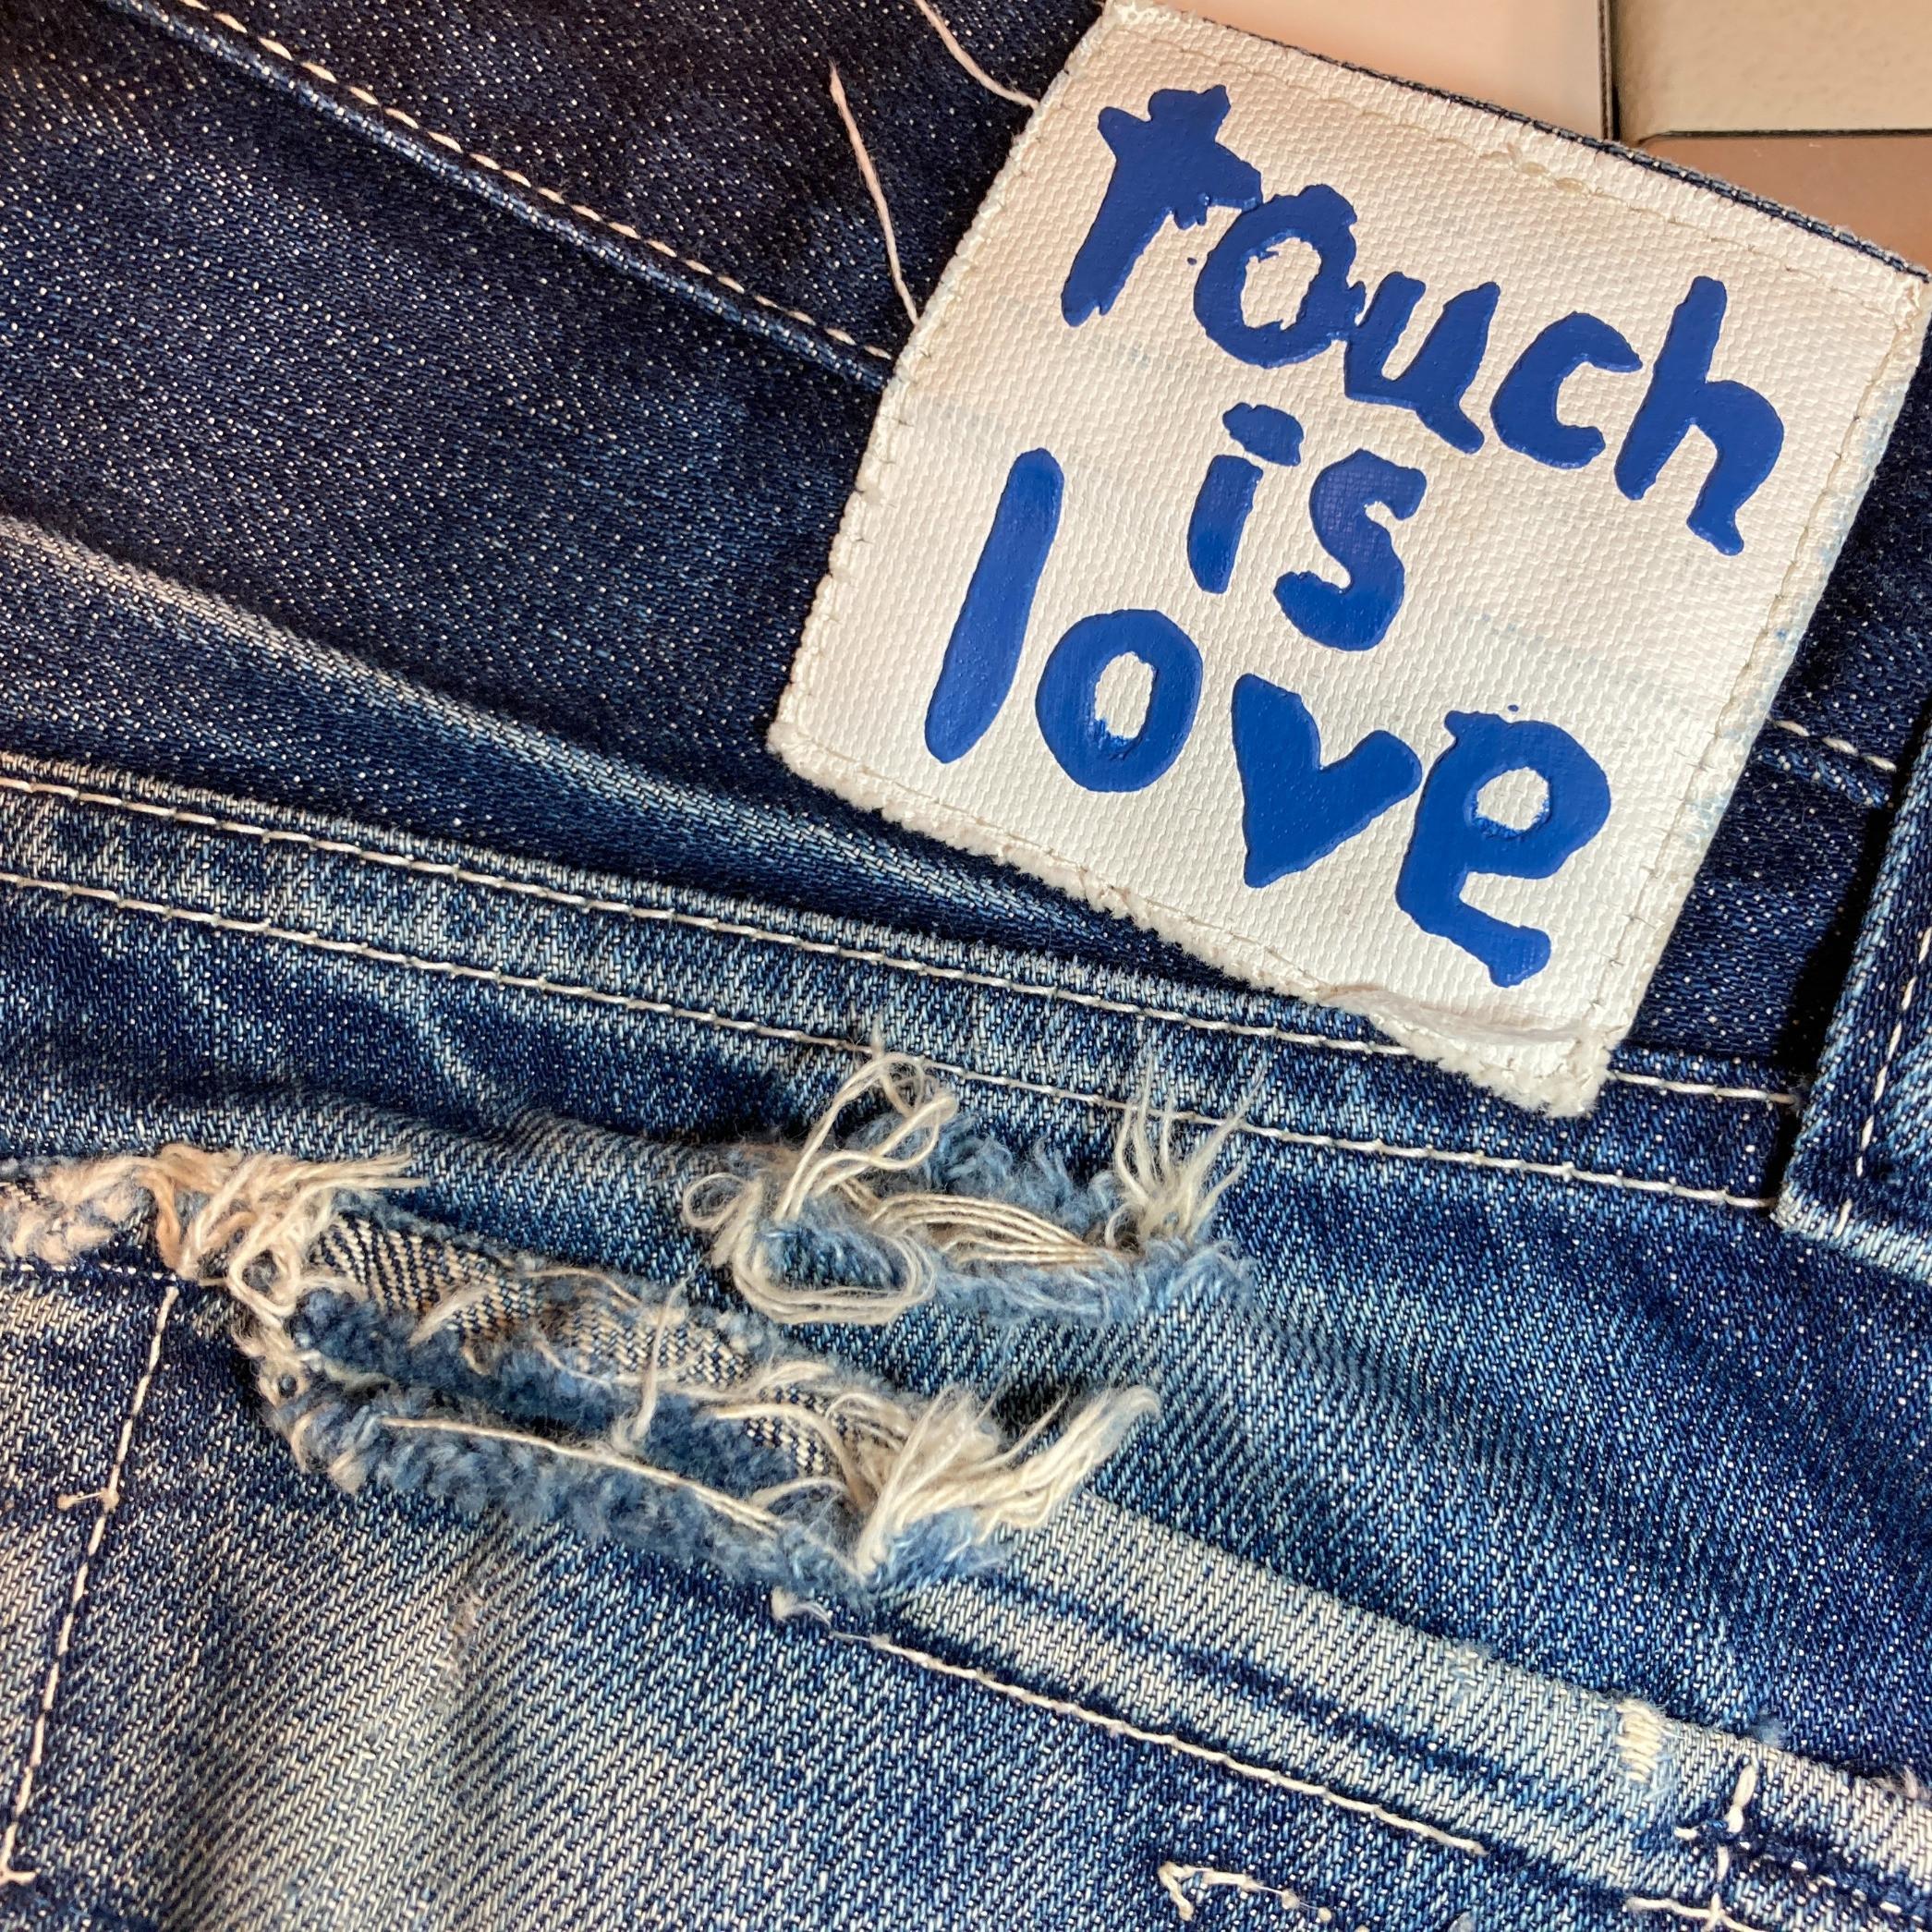 お買い上げいただいたジーンズの修理